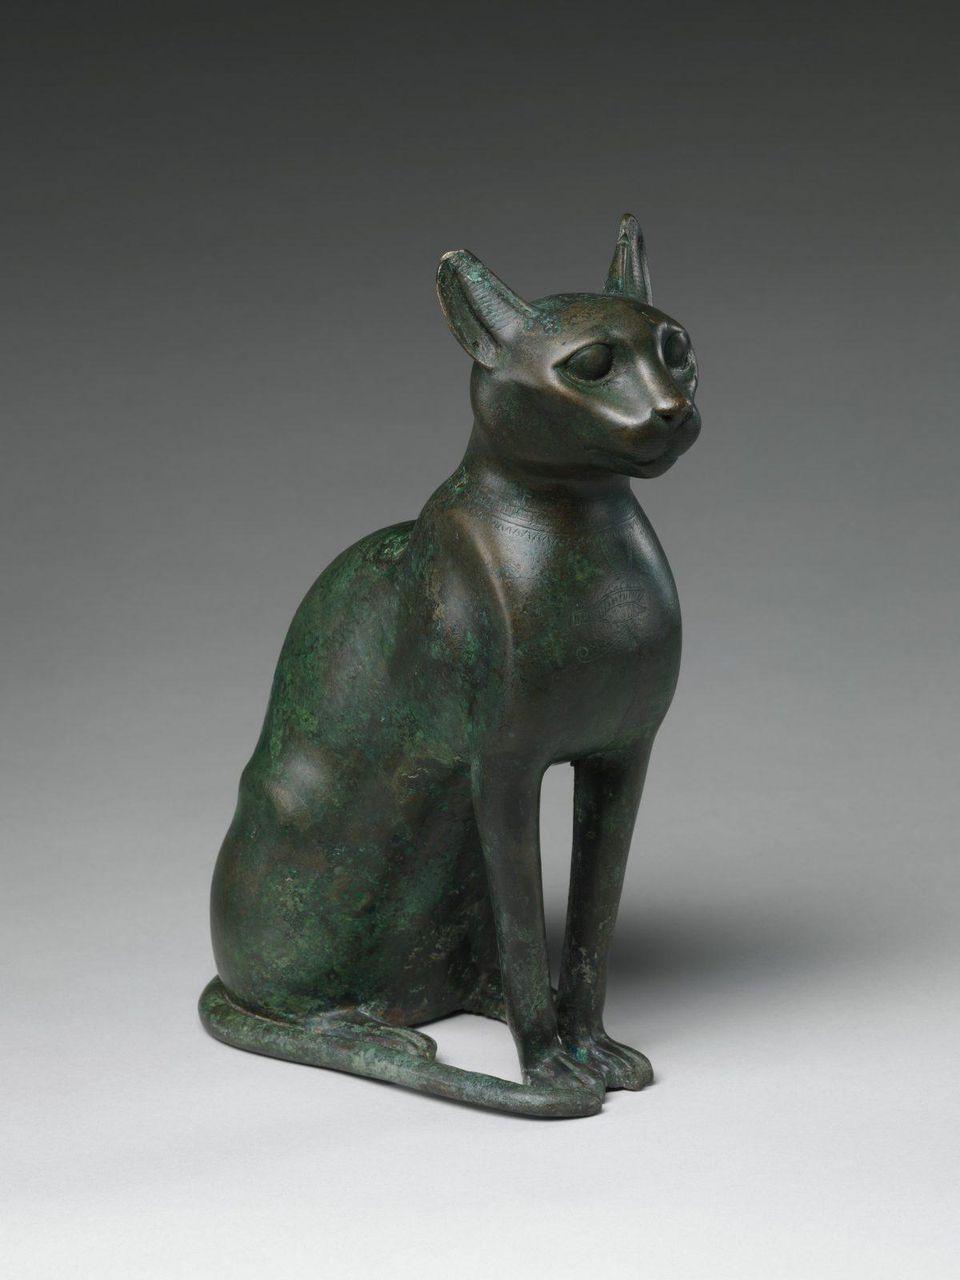 Estatuilla de gato destinada a contener un gato momificado, egipcio, período ptolemaico